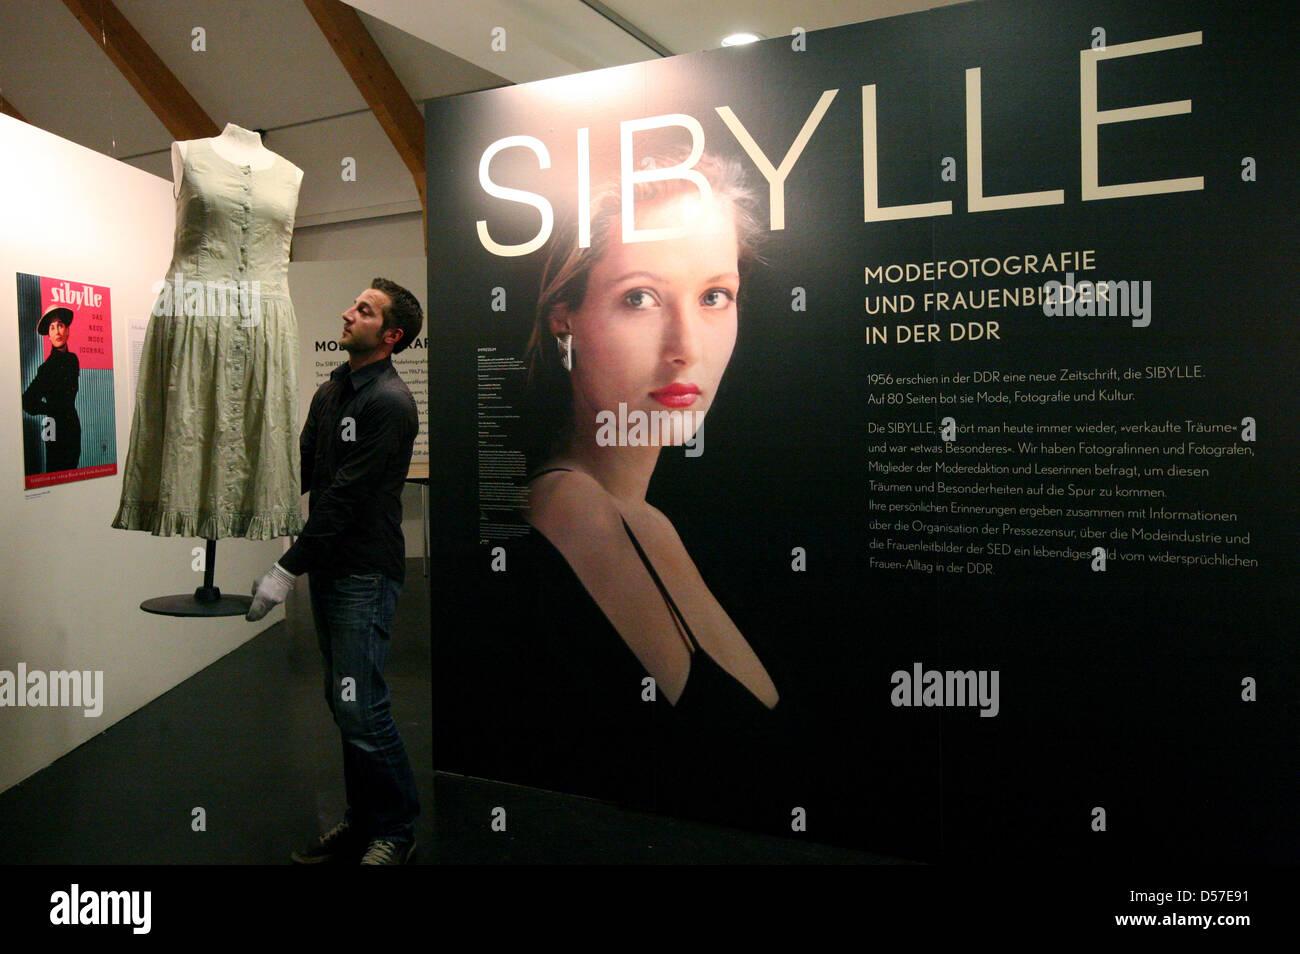 832c5f8699 Un empleado lleva una moda   exquisit   vestido después de una plantilla a  partir de la revista   Sibylle   a su lugar en la exposición   Sibylle.